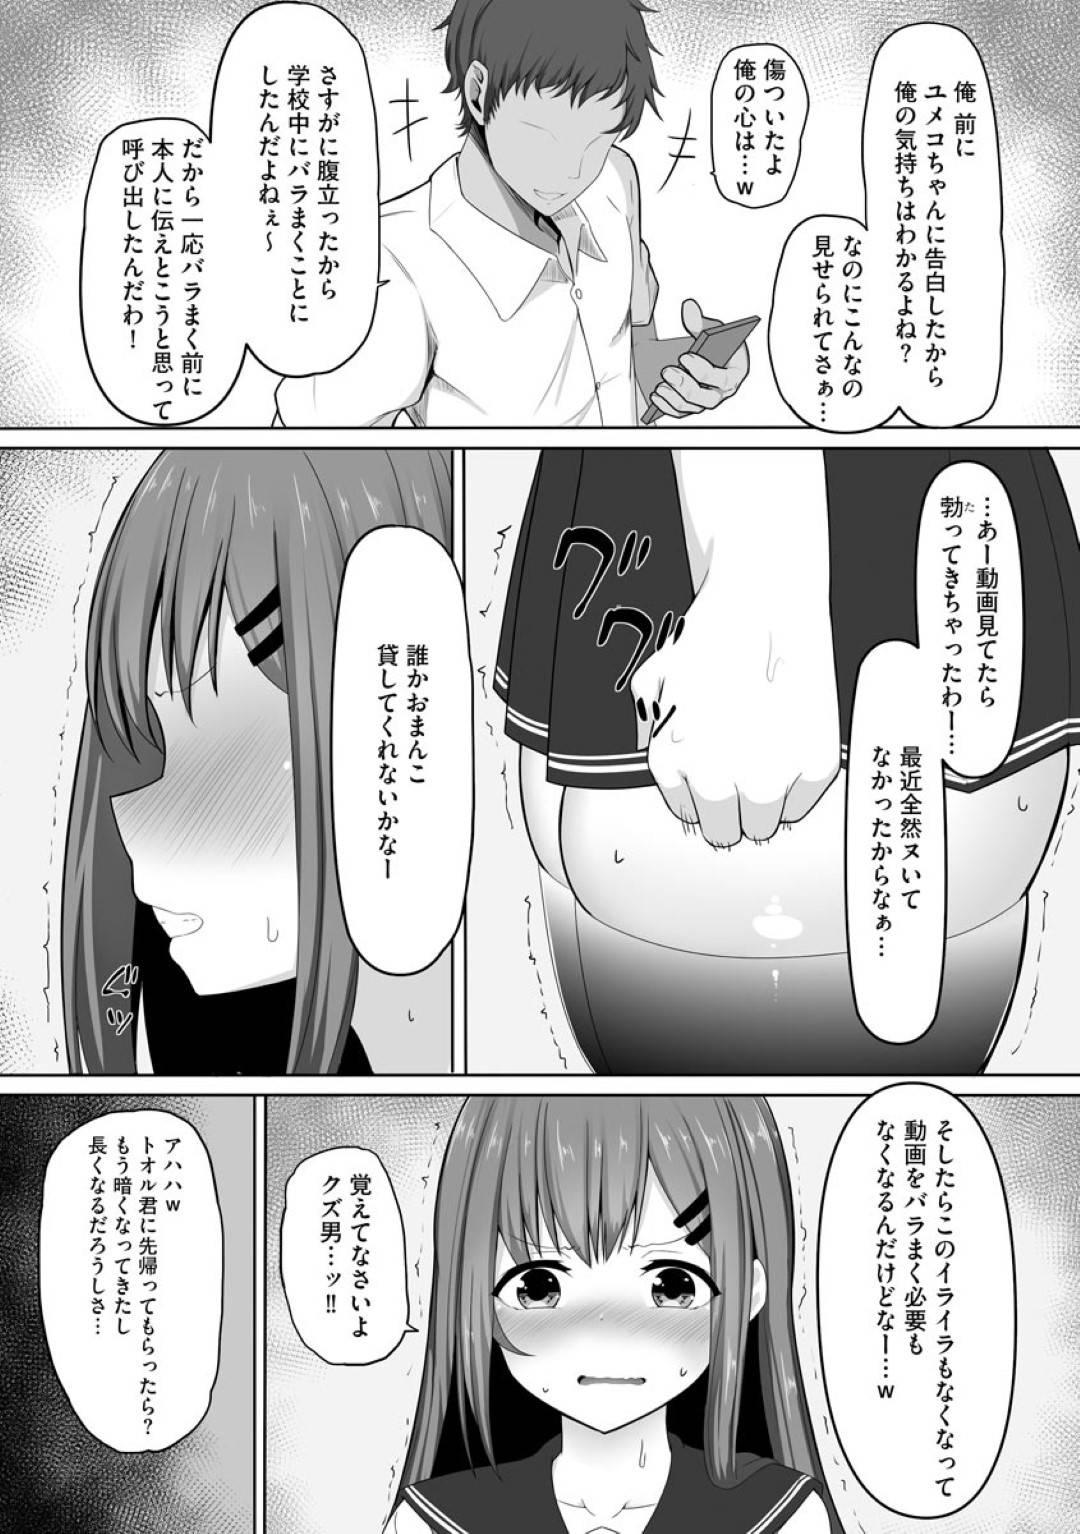 【エロ漫画】彼氏のことで同級生から脅迫を受けてしまったムチムチJK…彼女は彼の脅迫に屈して彼氏の前でNTR集団レイプされる事となる!【もやしばーすと:彼氏の前で犯されて】